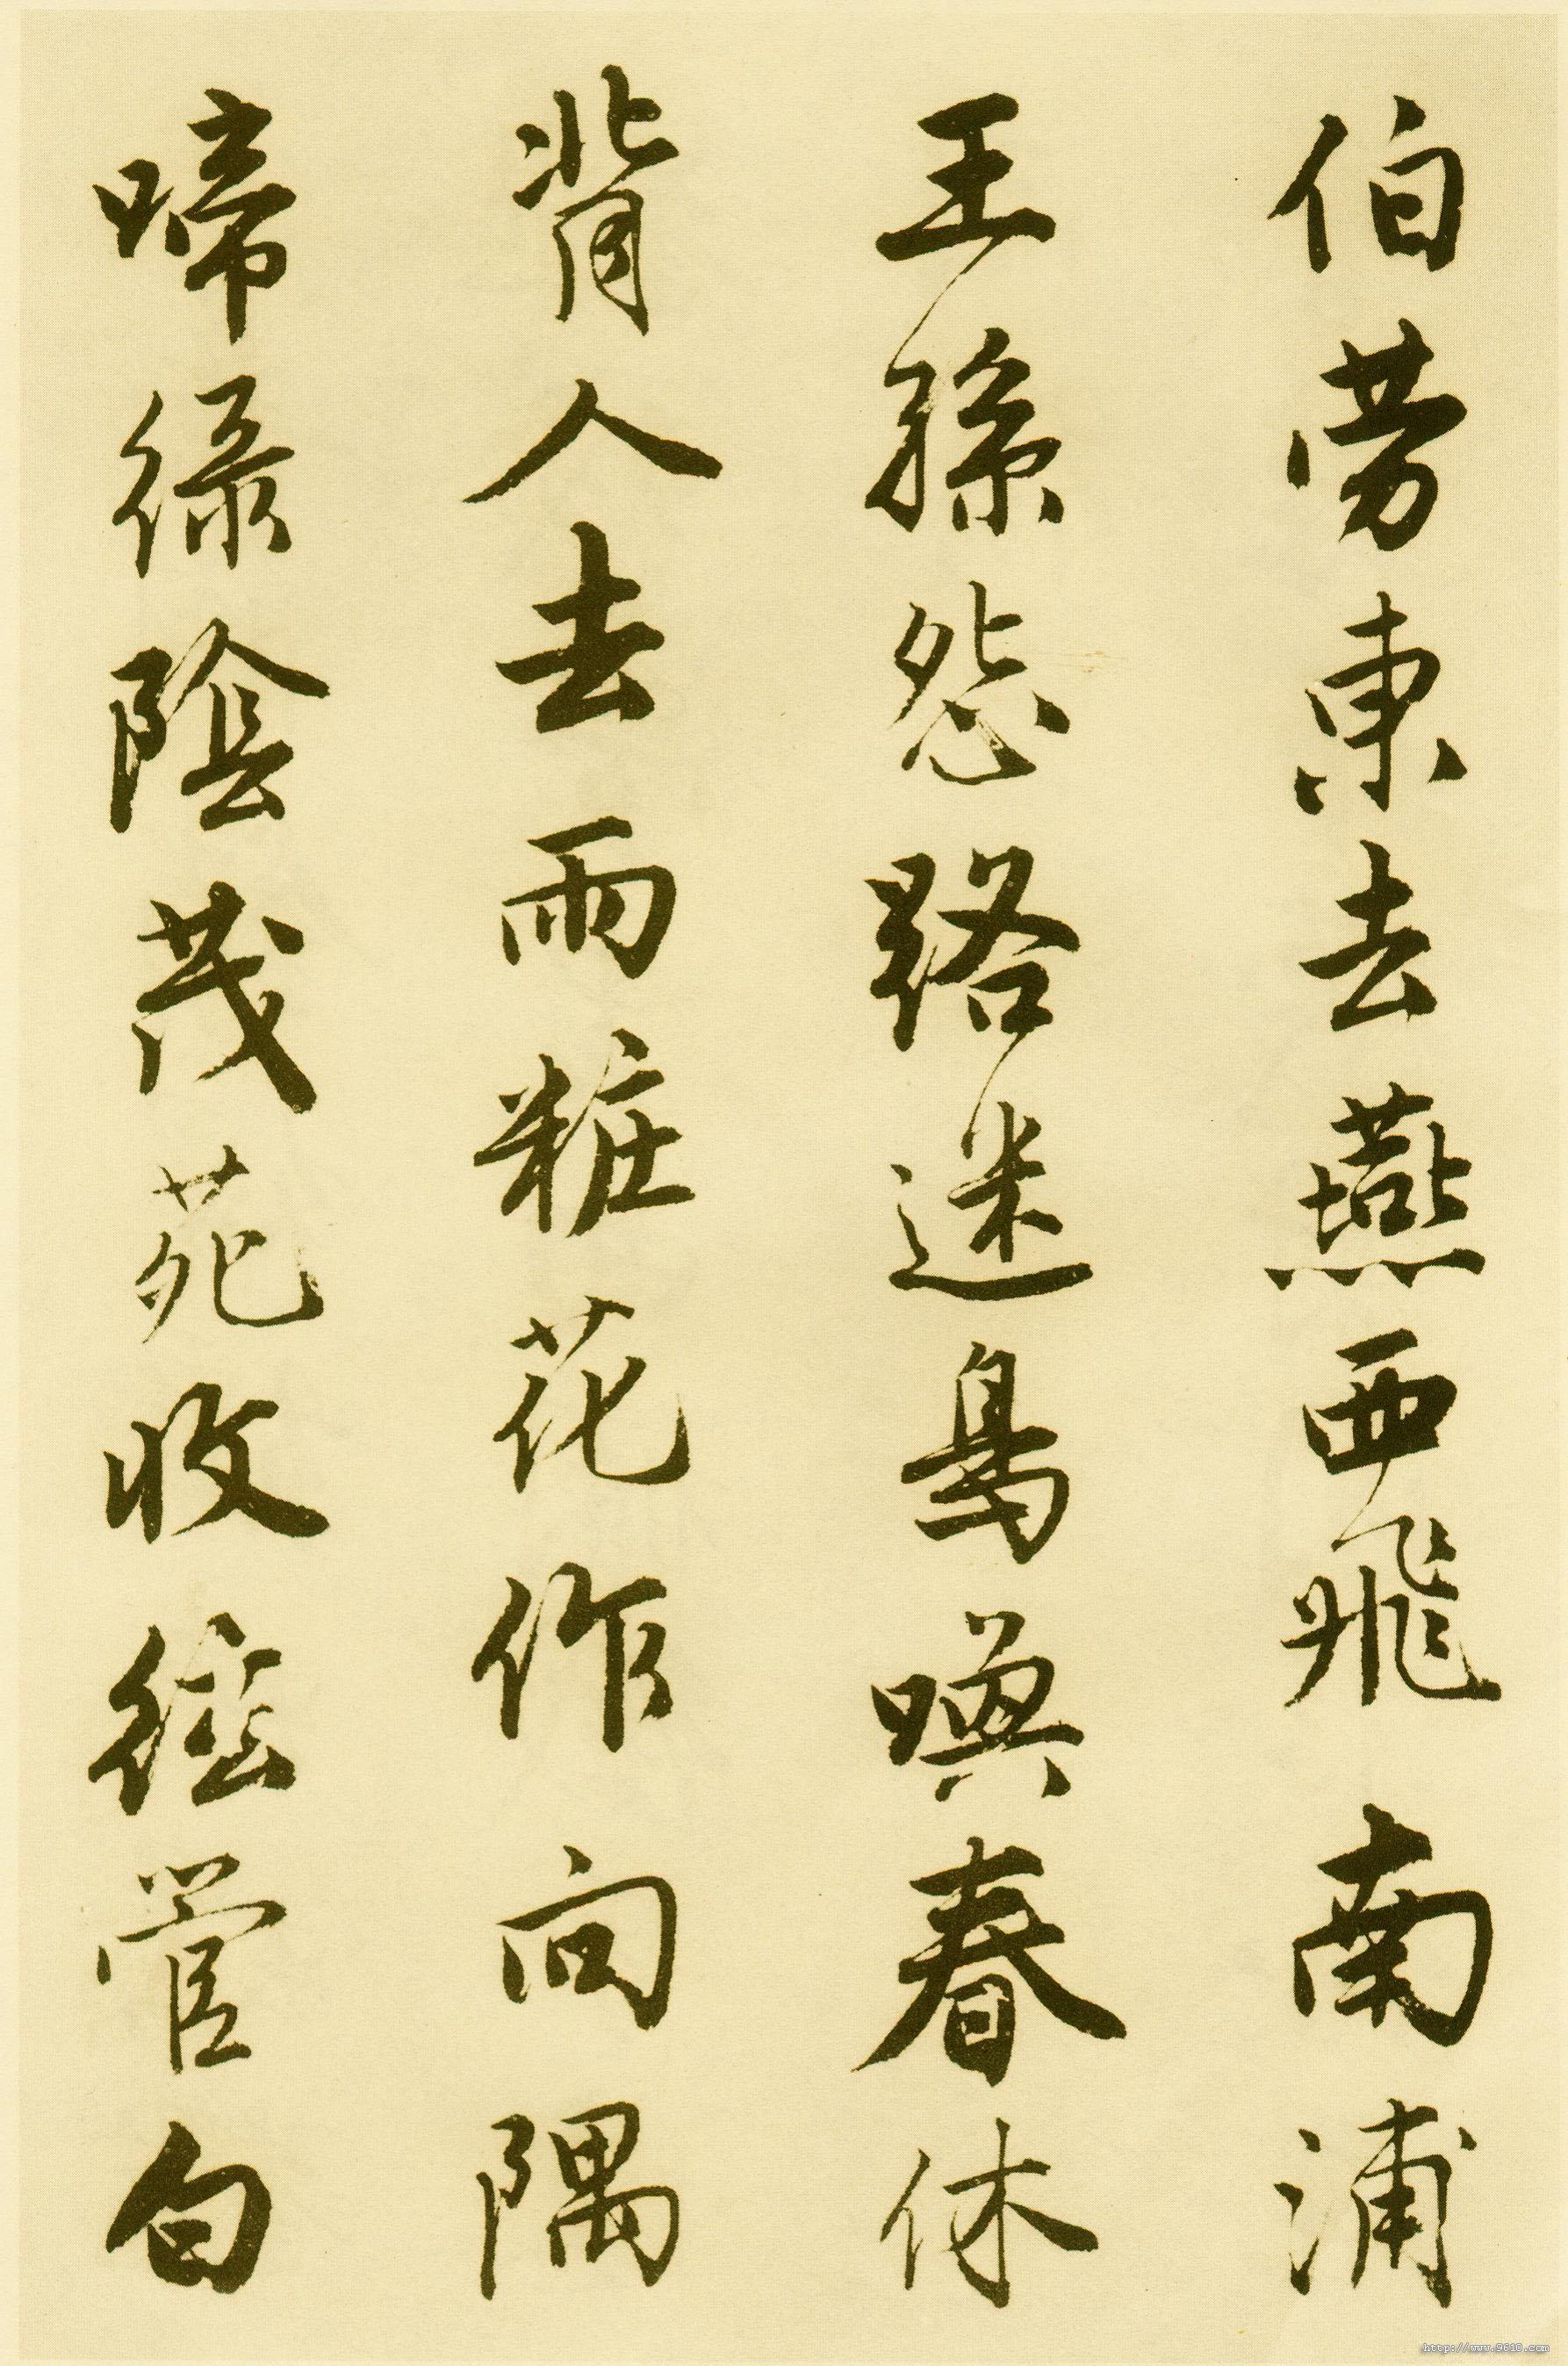 唐伯虎真迹《落花诗册》 - 香儿 - xianger